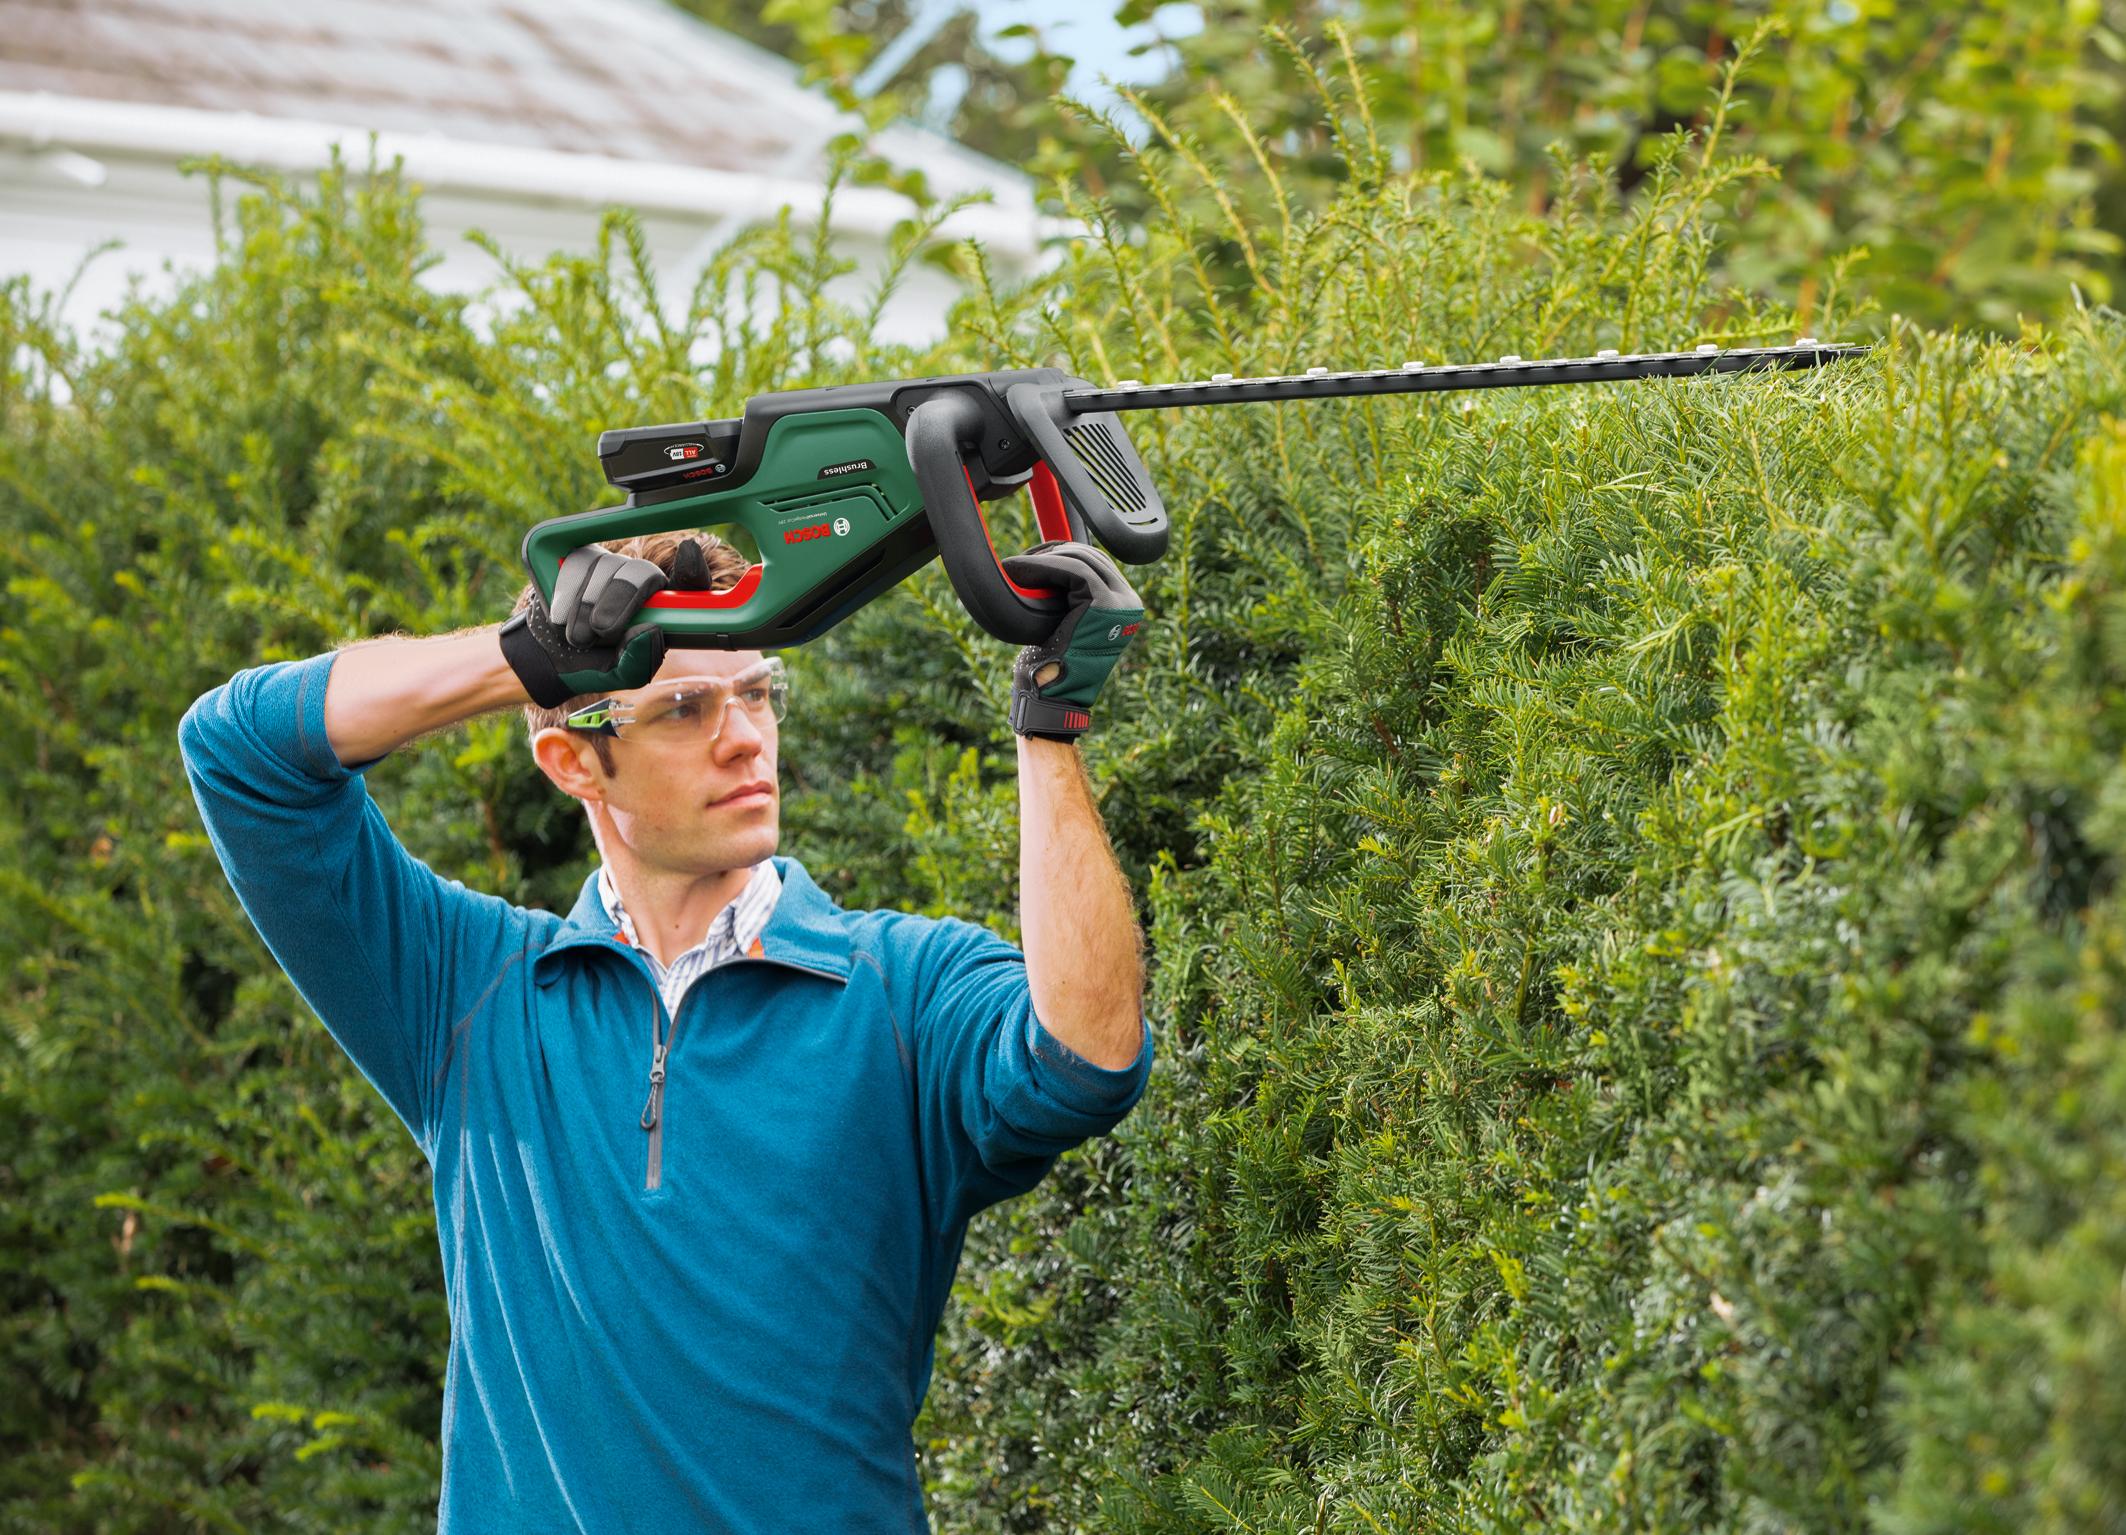 Besonders ergonomisch und leicht zu führen: UniversalHedgeCut 18V-50 und -55 von Bosch für Hobbygärtner